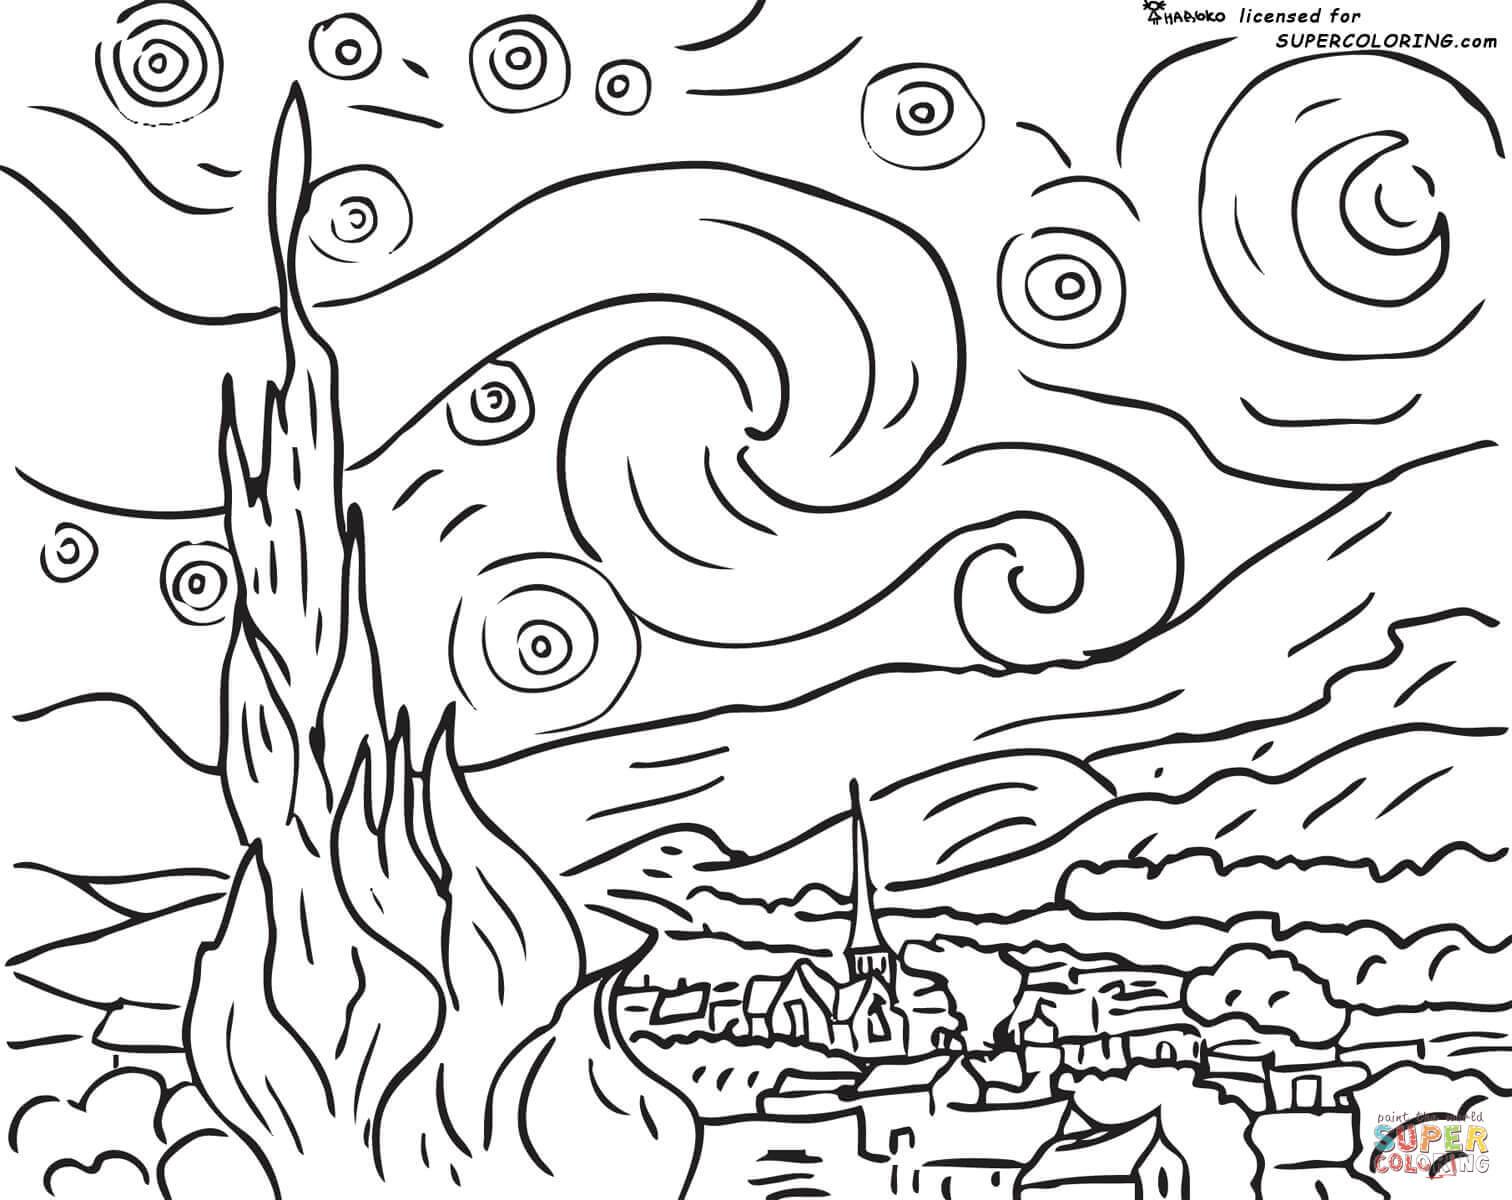 Thiel Academy: Picture Study: Vincent Van Gogh